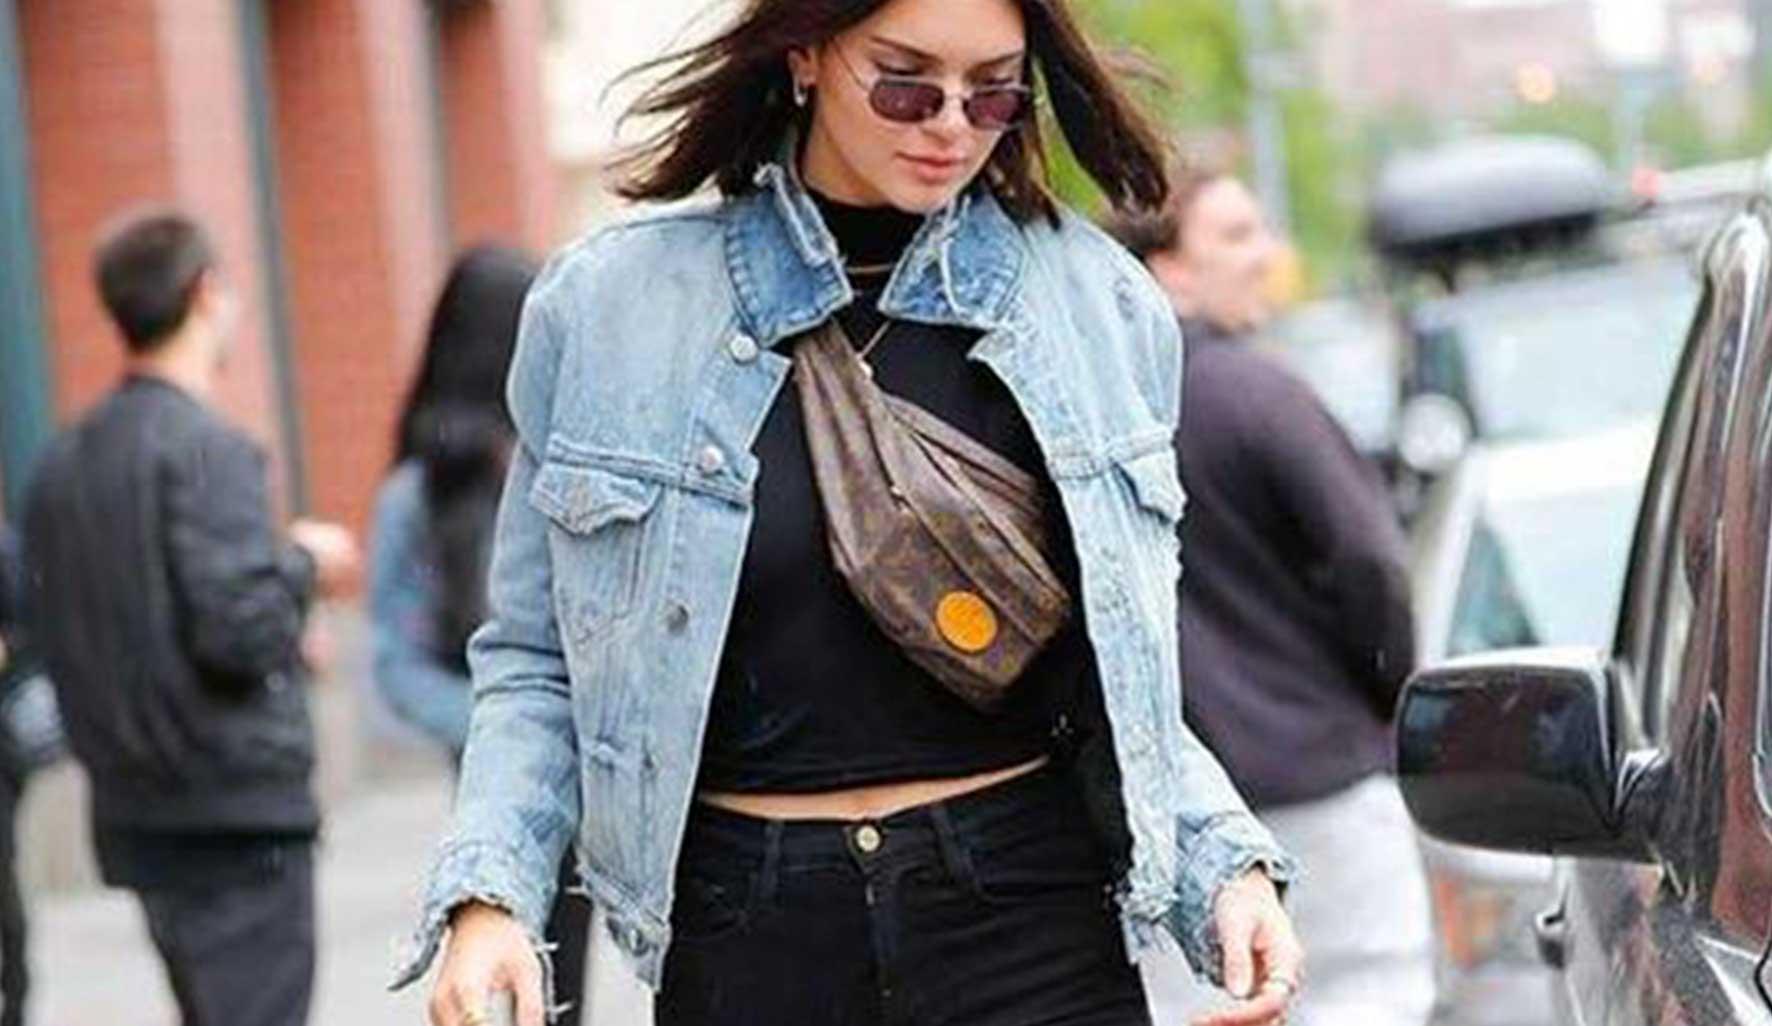 b5eb2449c Fabiana Justus - Página 200 de 201 - Blog de moda, beleza e lifestyle